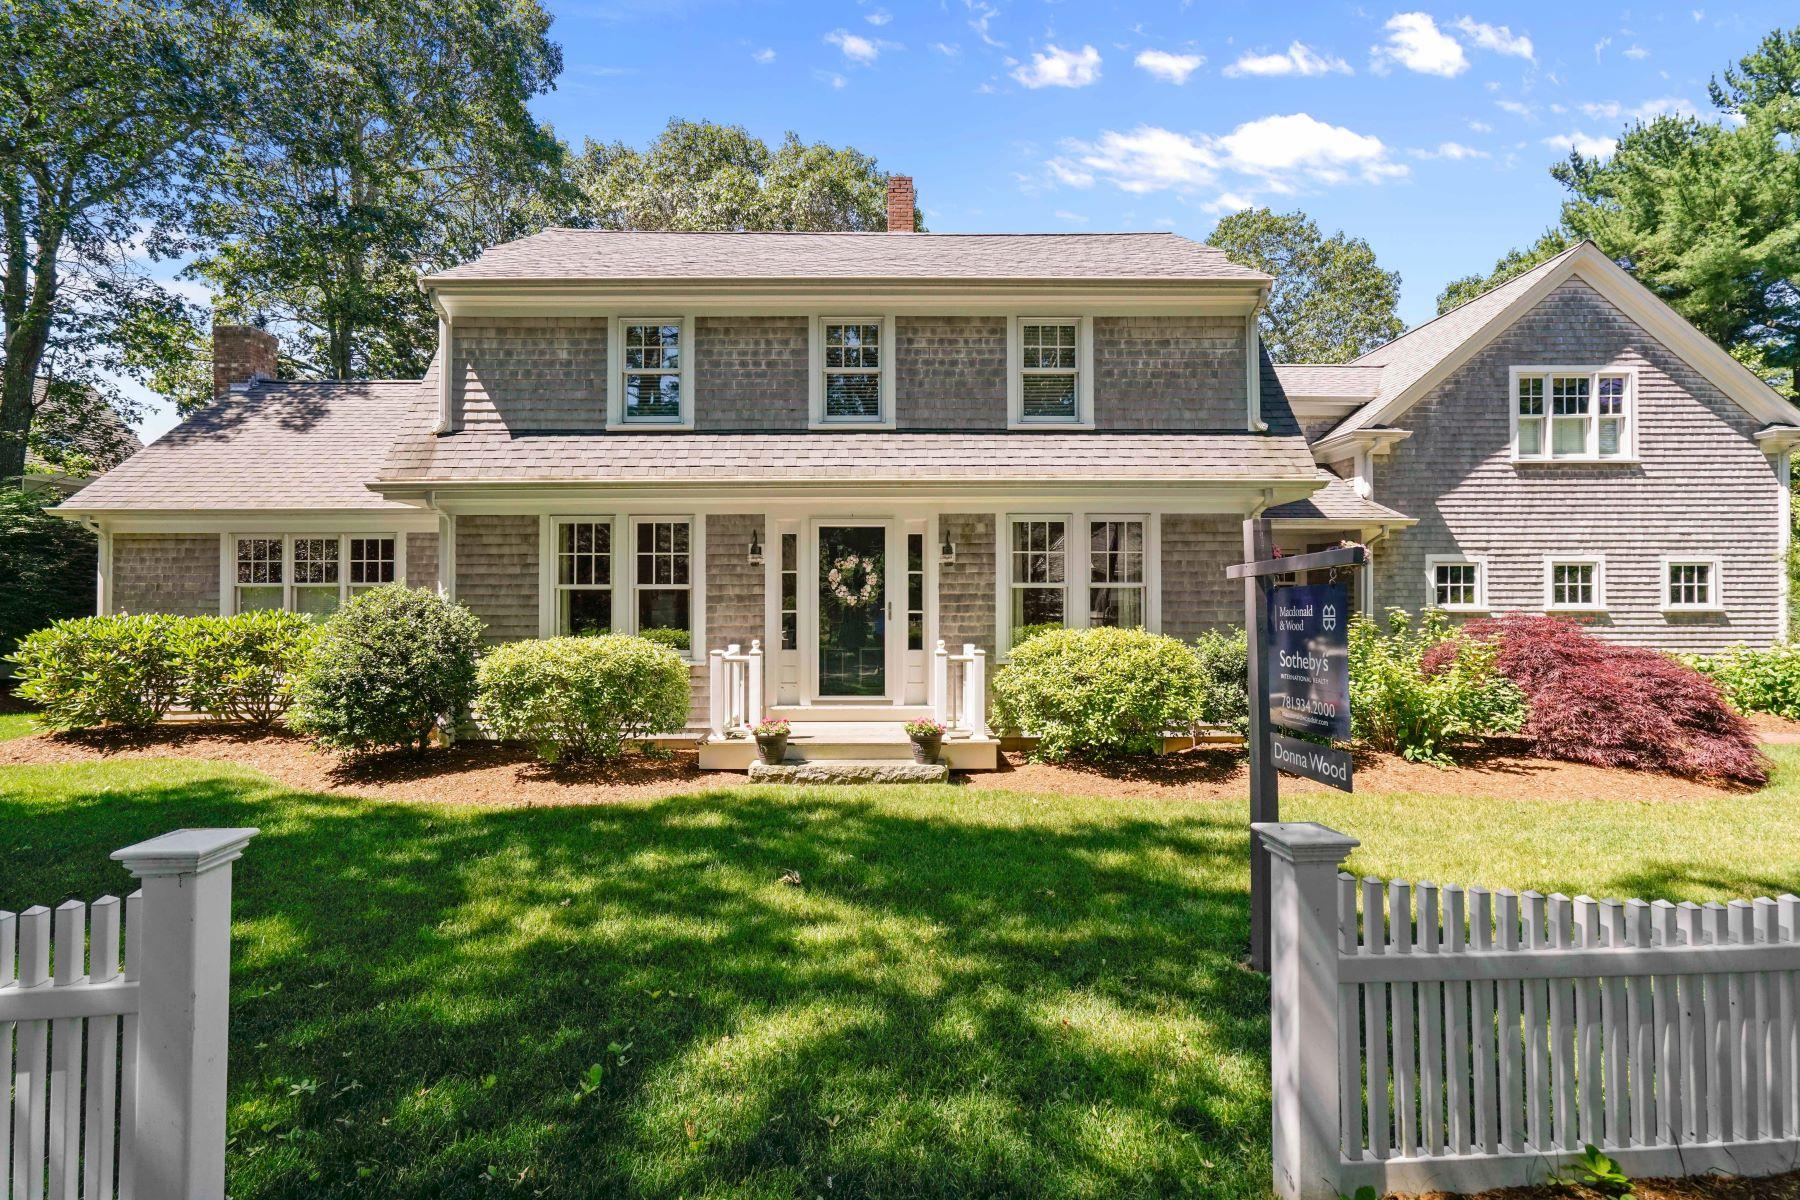 Частный односемейный дом для того Продажа на 137 Abrams Hill Road Duxbury, Массачусетс, 02332 Соединенные Штаты